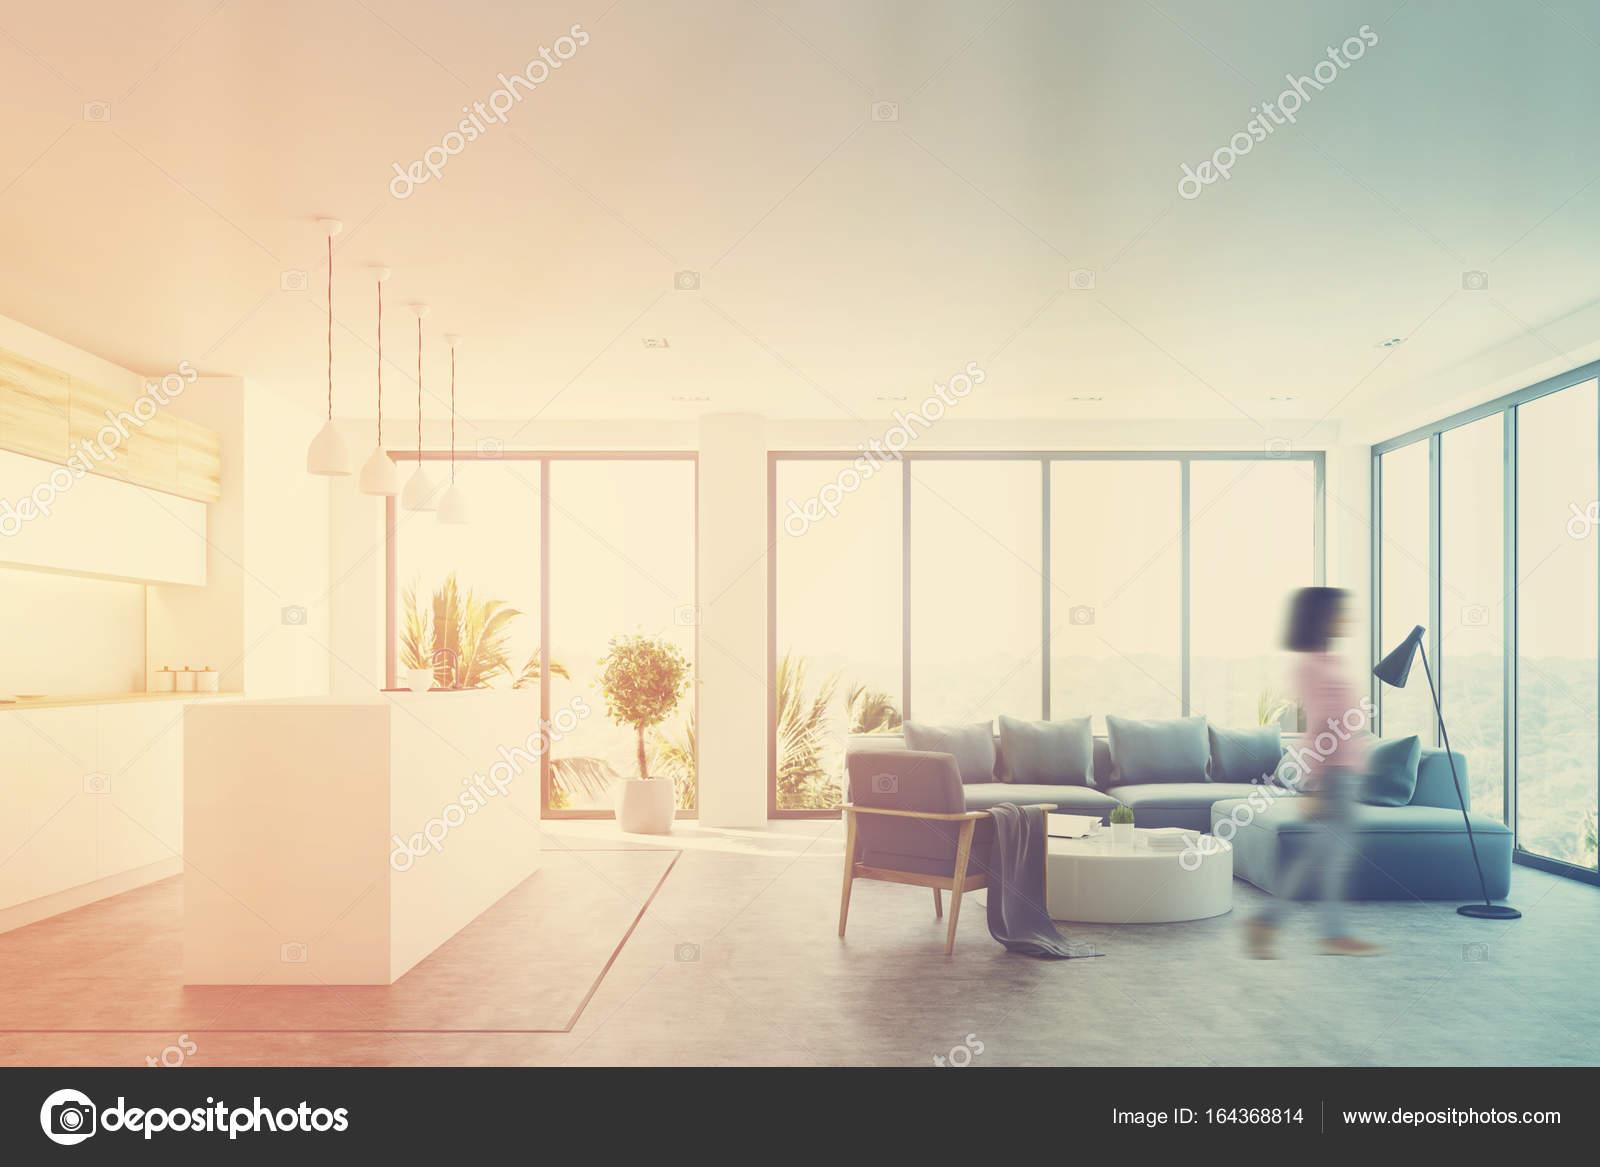 Wit woonkamer interieur met een bar, blauw, meisje — Stockfoto ...